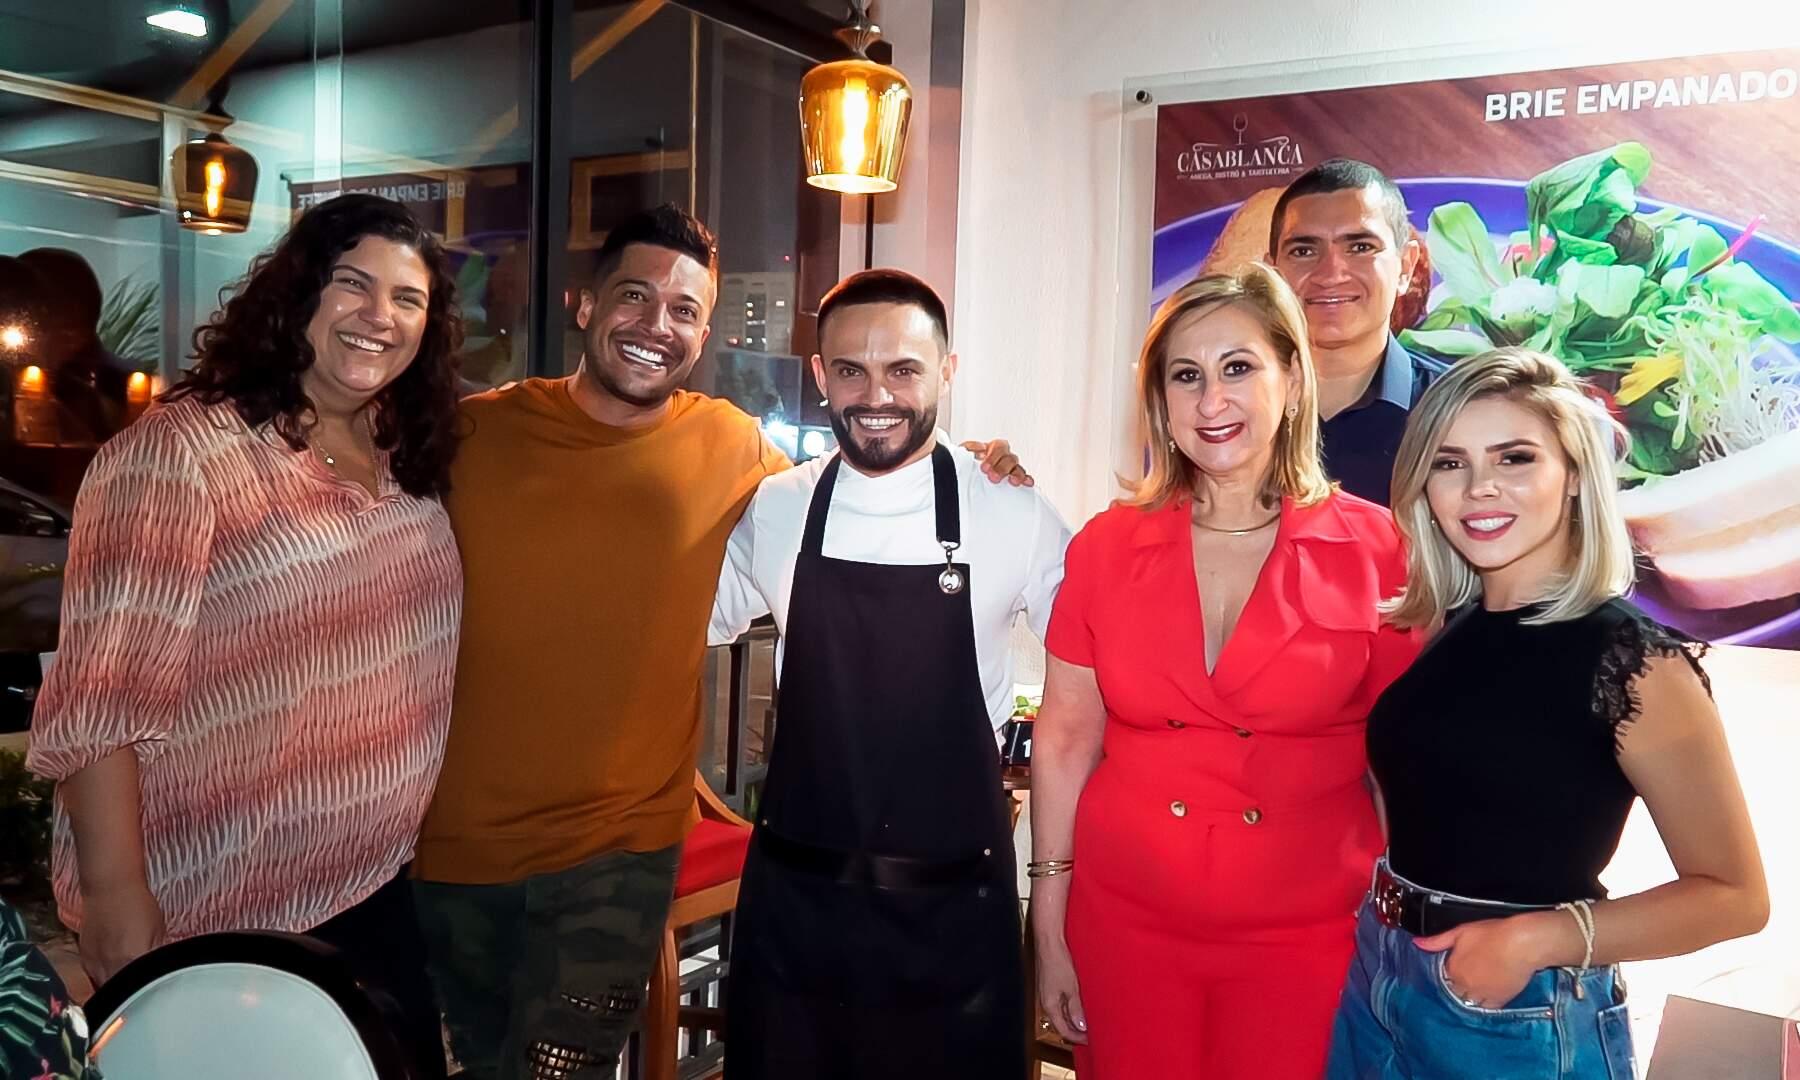 Márcia Marinho, Felipe Caran e a influencer Jéssica Pesseti foram conferir as novidades do Casablanca (Foto: Festas e Eventos TV)